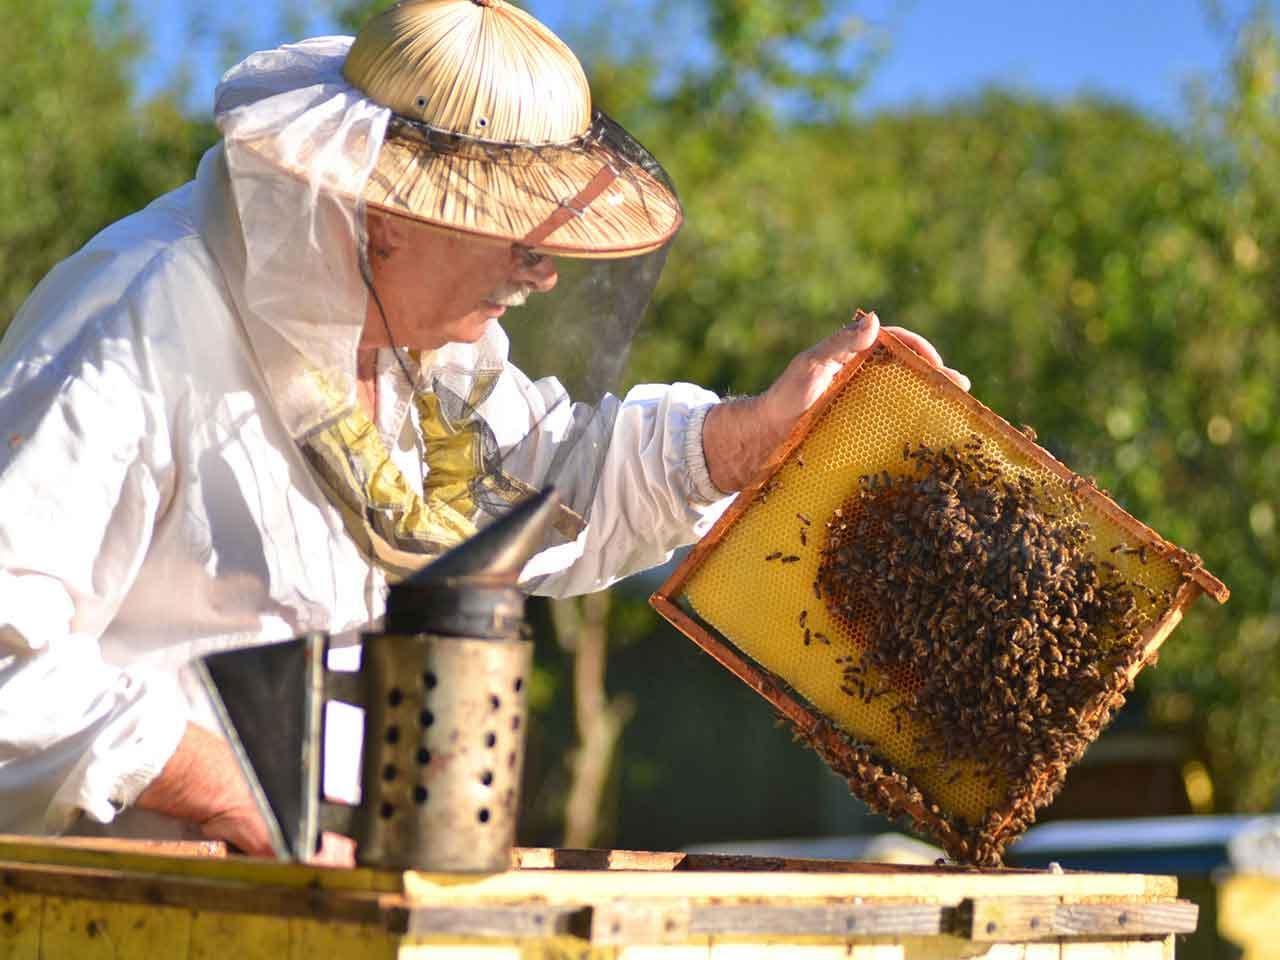 صور تربية النحل , اساسيات وطرق تربية النحل